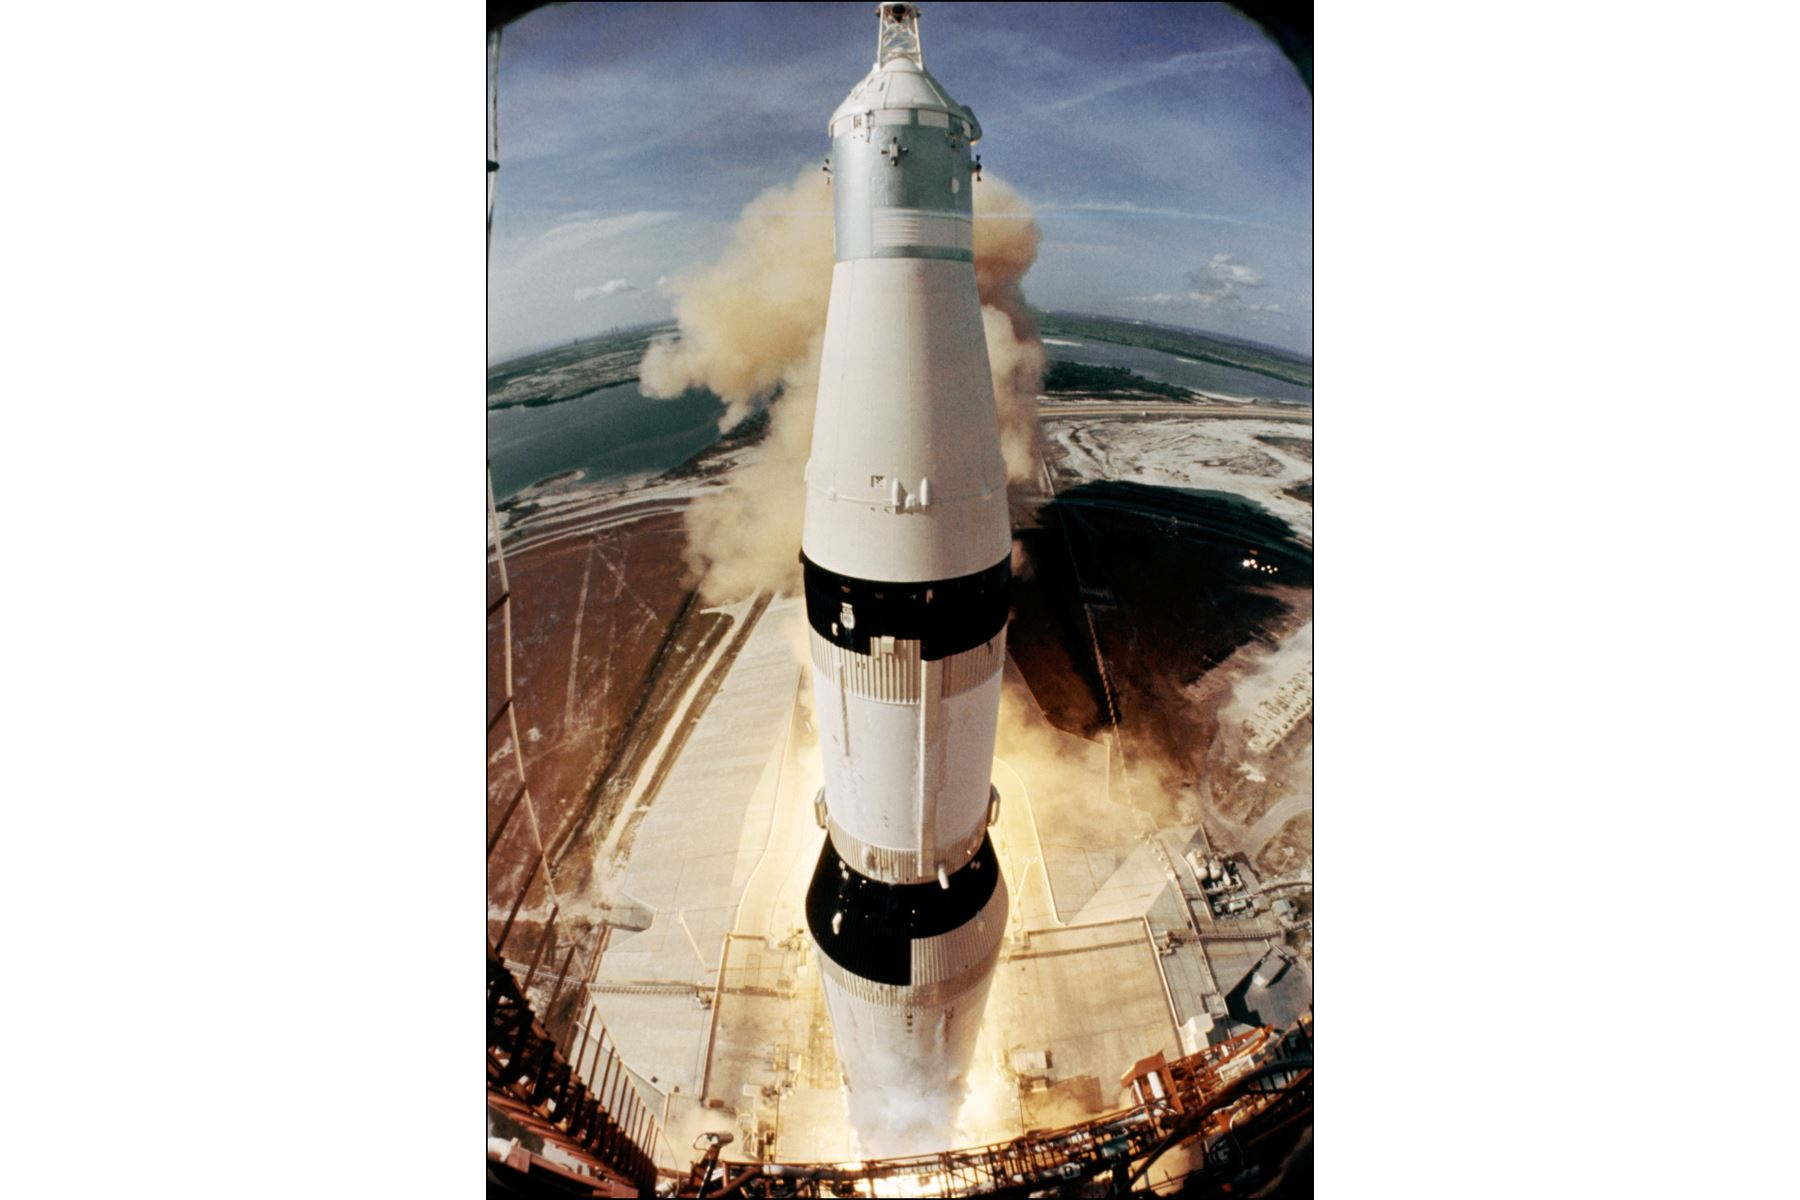 Fotografía tomada el 16 de julio de 1969 en el Centro Espacial Kennedy del lanzamiento del módulo lunar Apollo XI. Foto: AFP